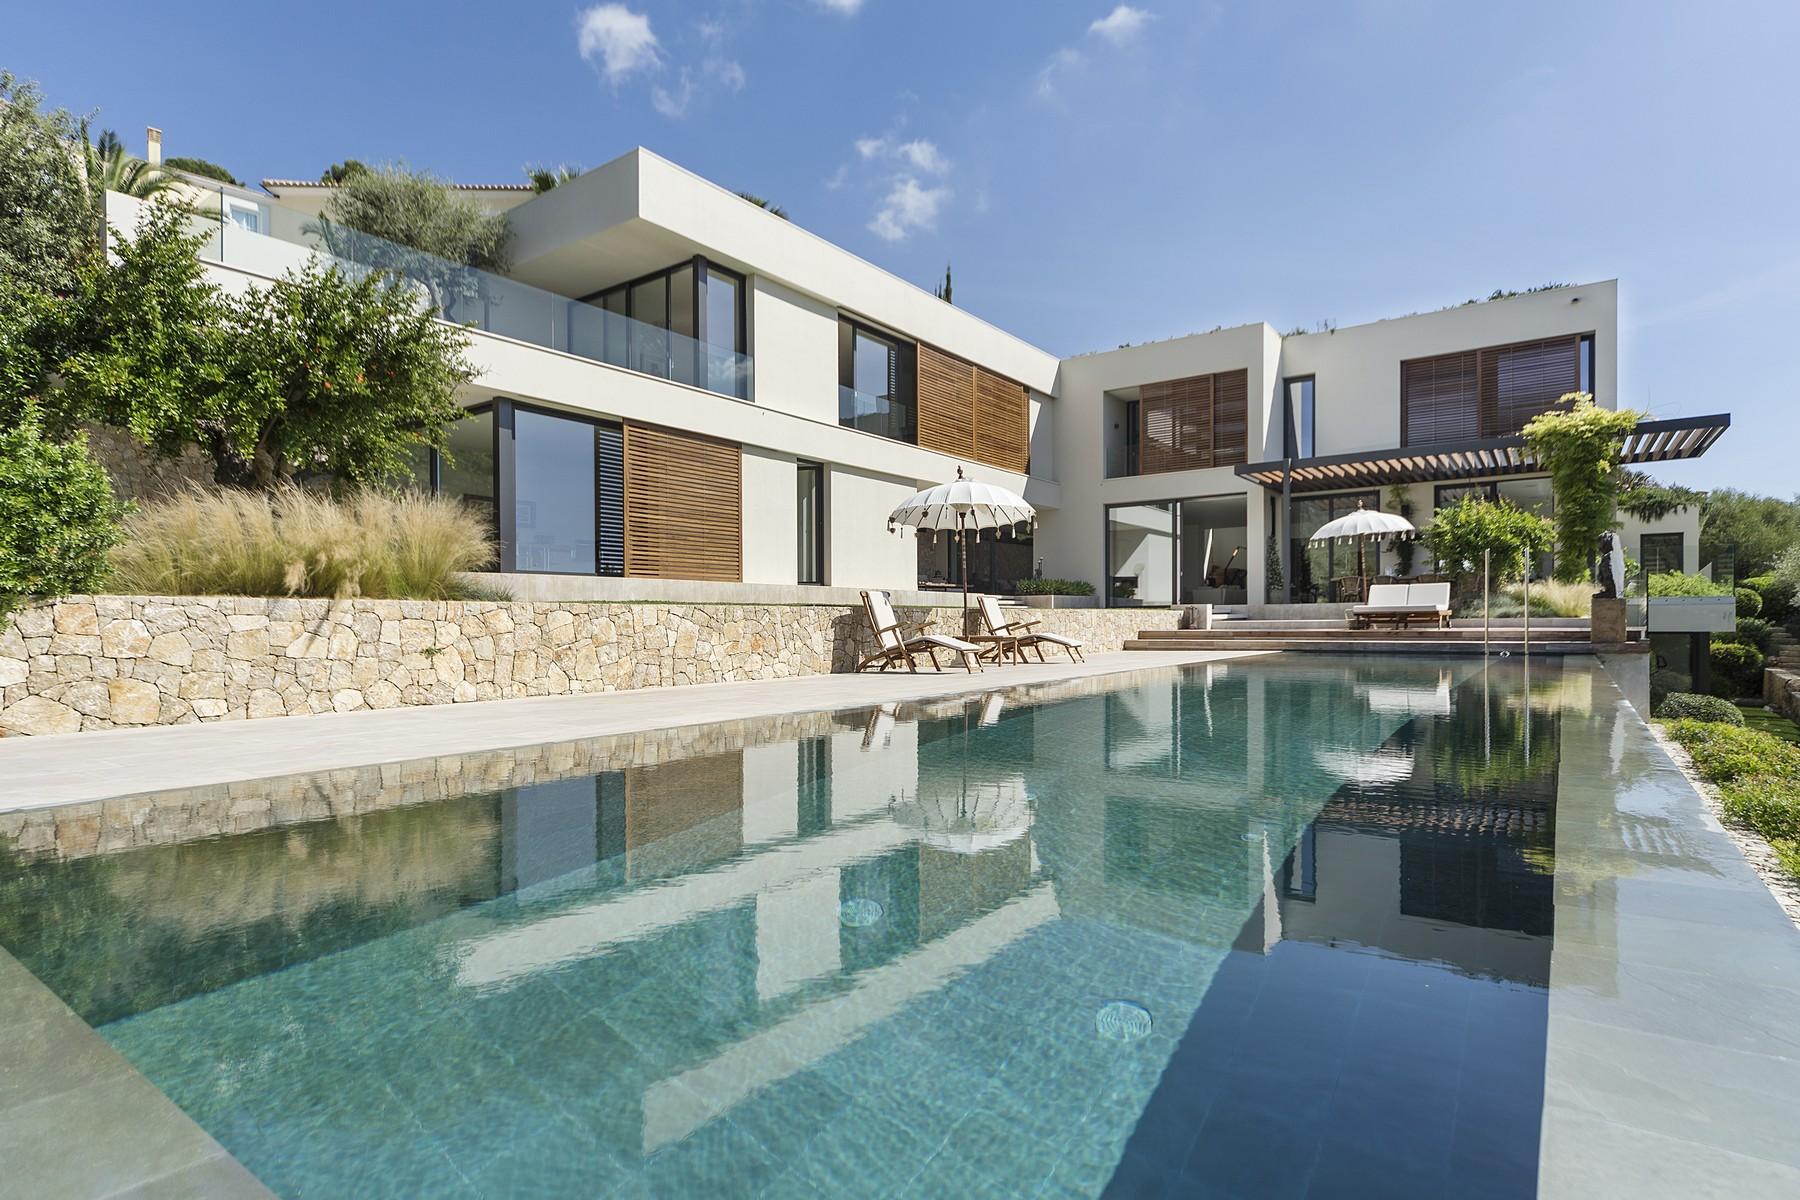 Moradia para Arrendamento às Luxury villa in the exclusive suburb of Son Vida Son Vida, Palma De Maiorca, Espanha